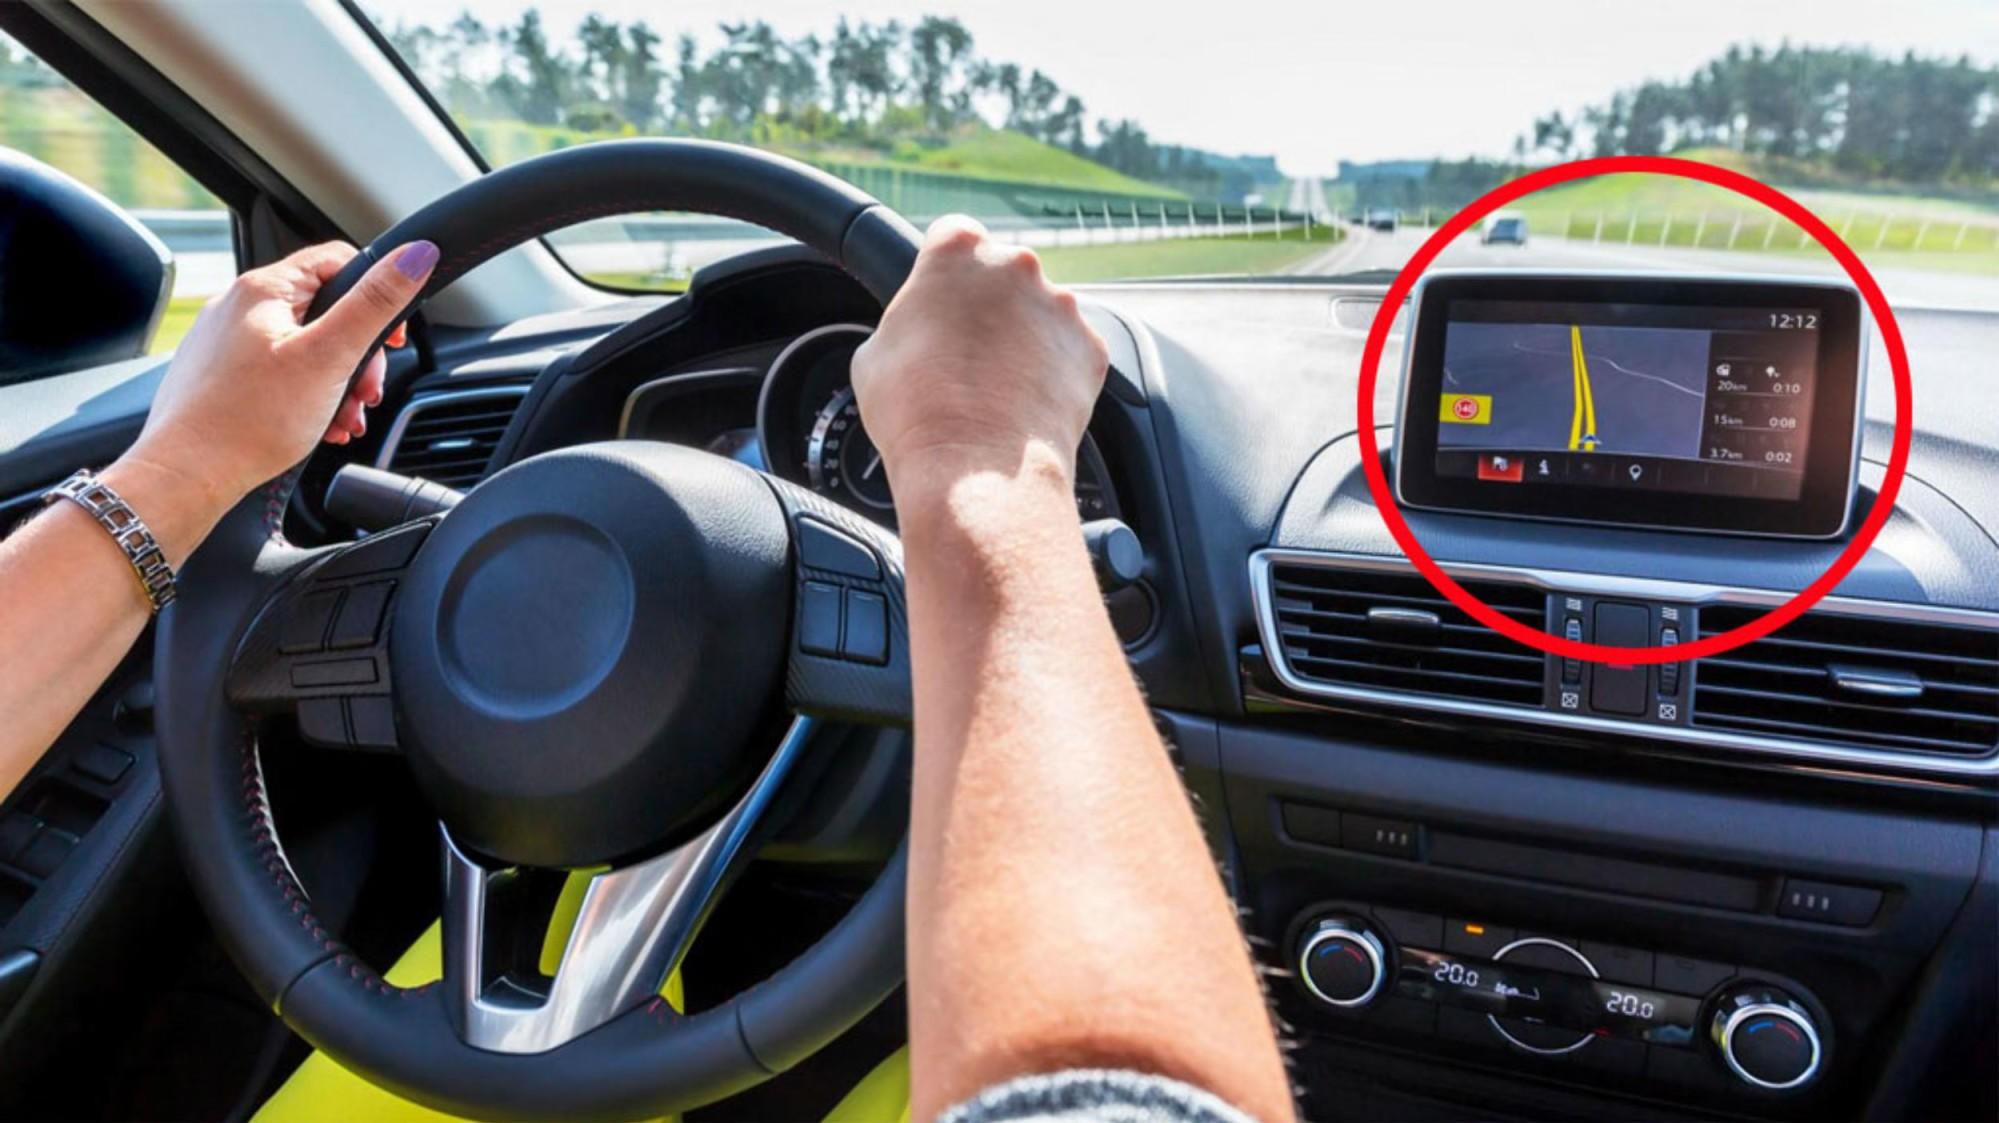 Navigasjonsanlegg har blitt vanlig i biler, men praksisen på oppgraderinger er svært forskjellig. Illustrasjonsbilde.